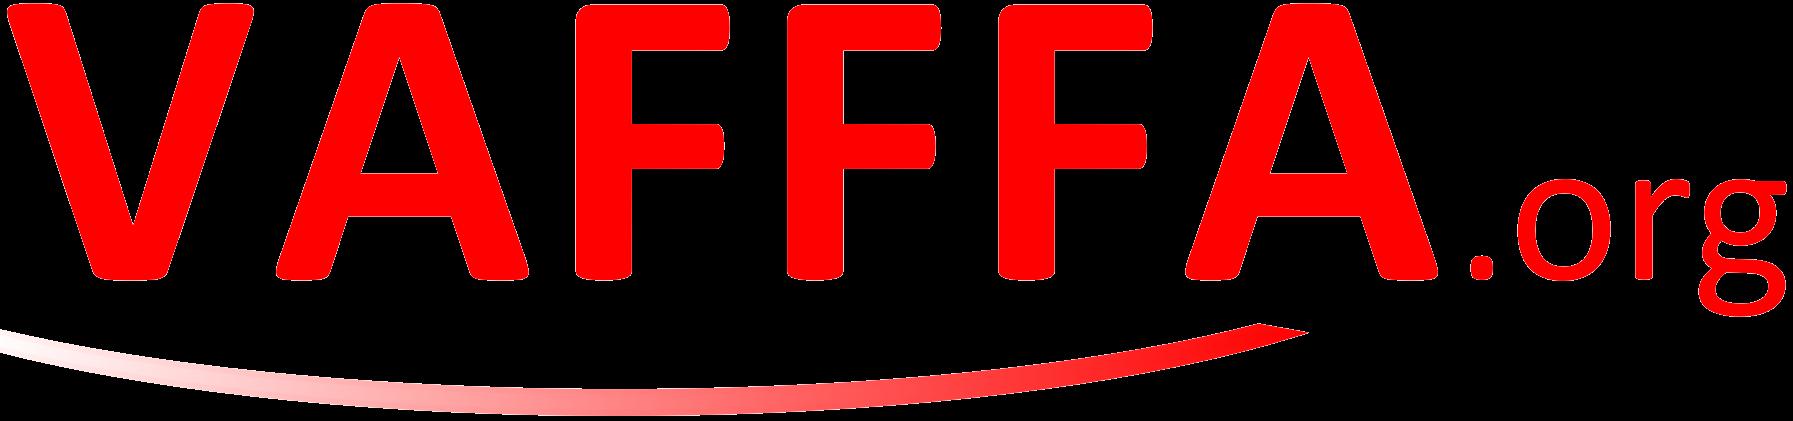 VAFFFA.org